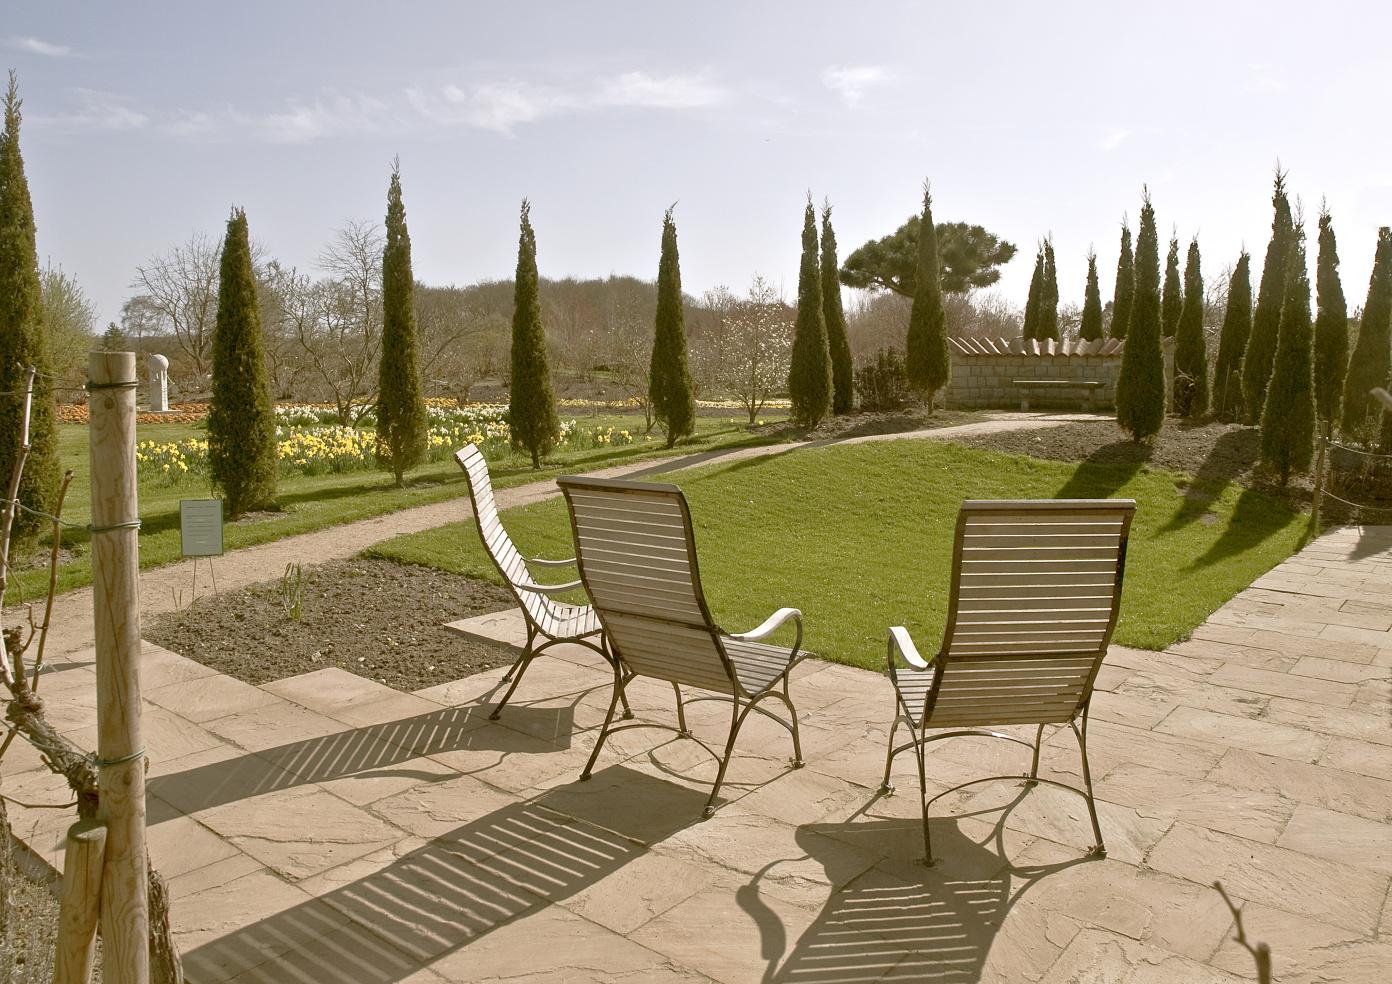 Toscana garten april im aboretum ellerhoop foto bild landschaft garten - Toskana garten ...